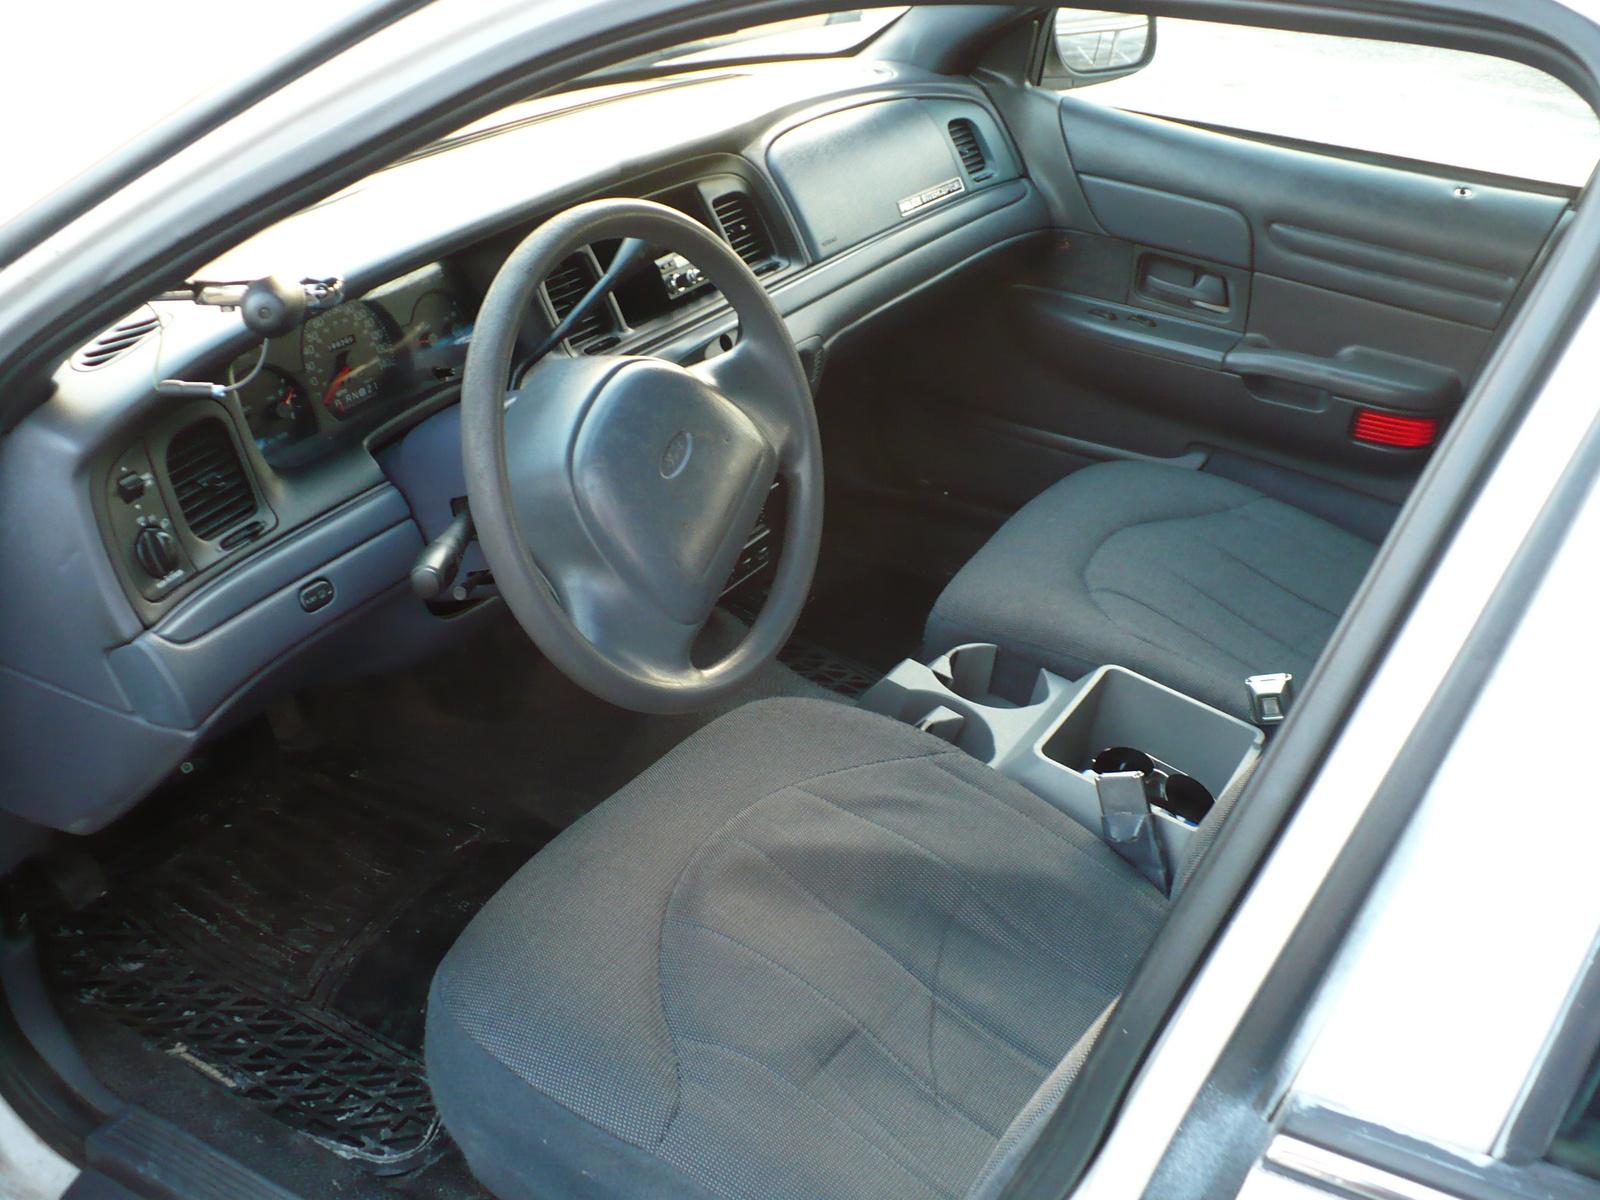 2000 Ford Crown Victoria Interior Pictures Cargurus